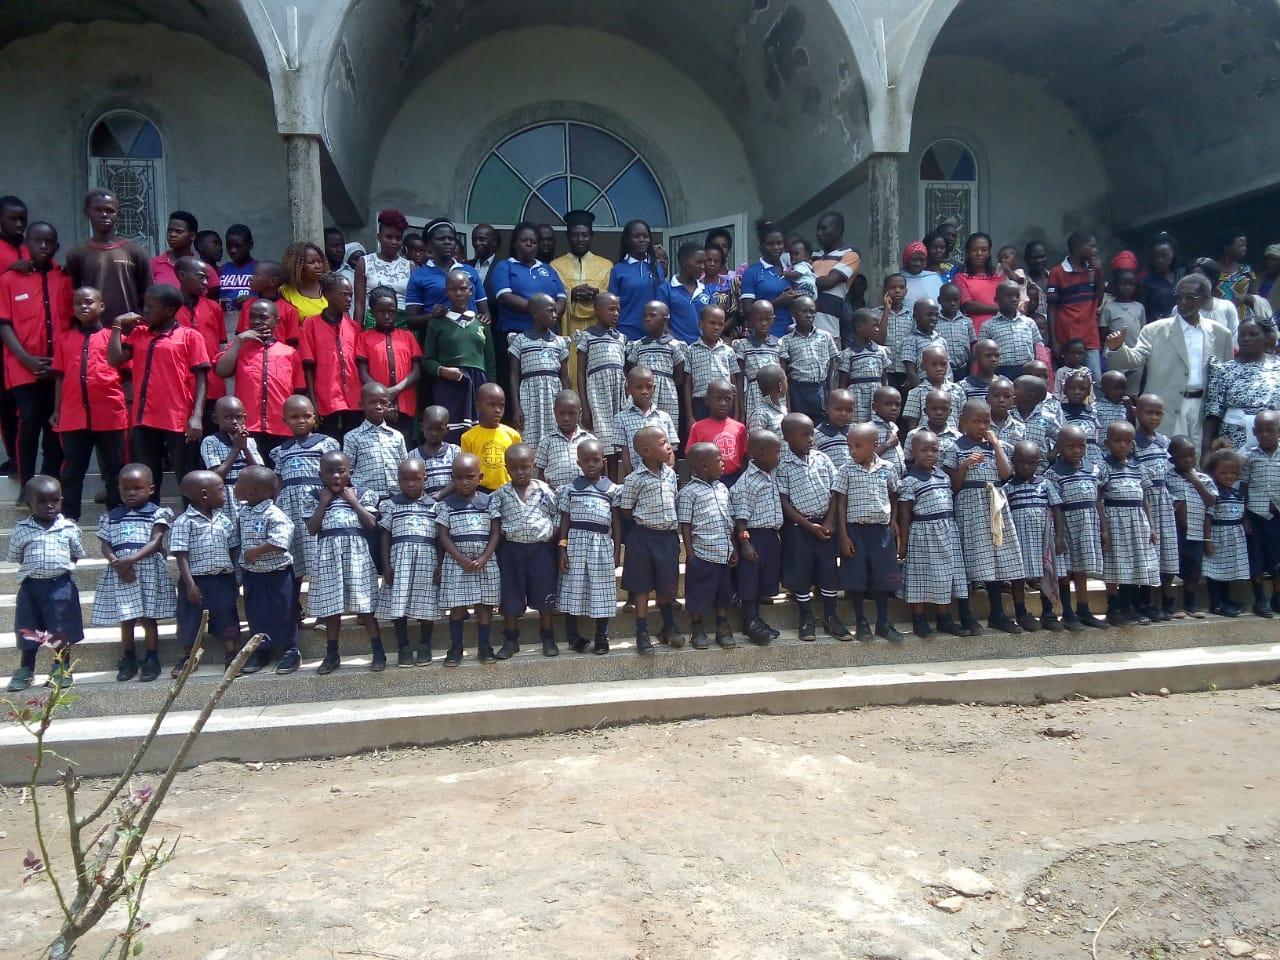 9η αποστολή στην Ουγκάντα